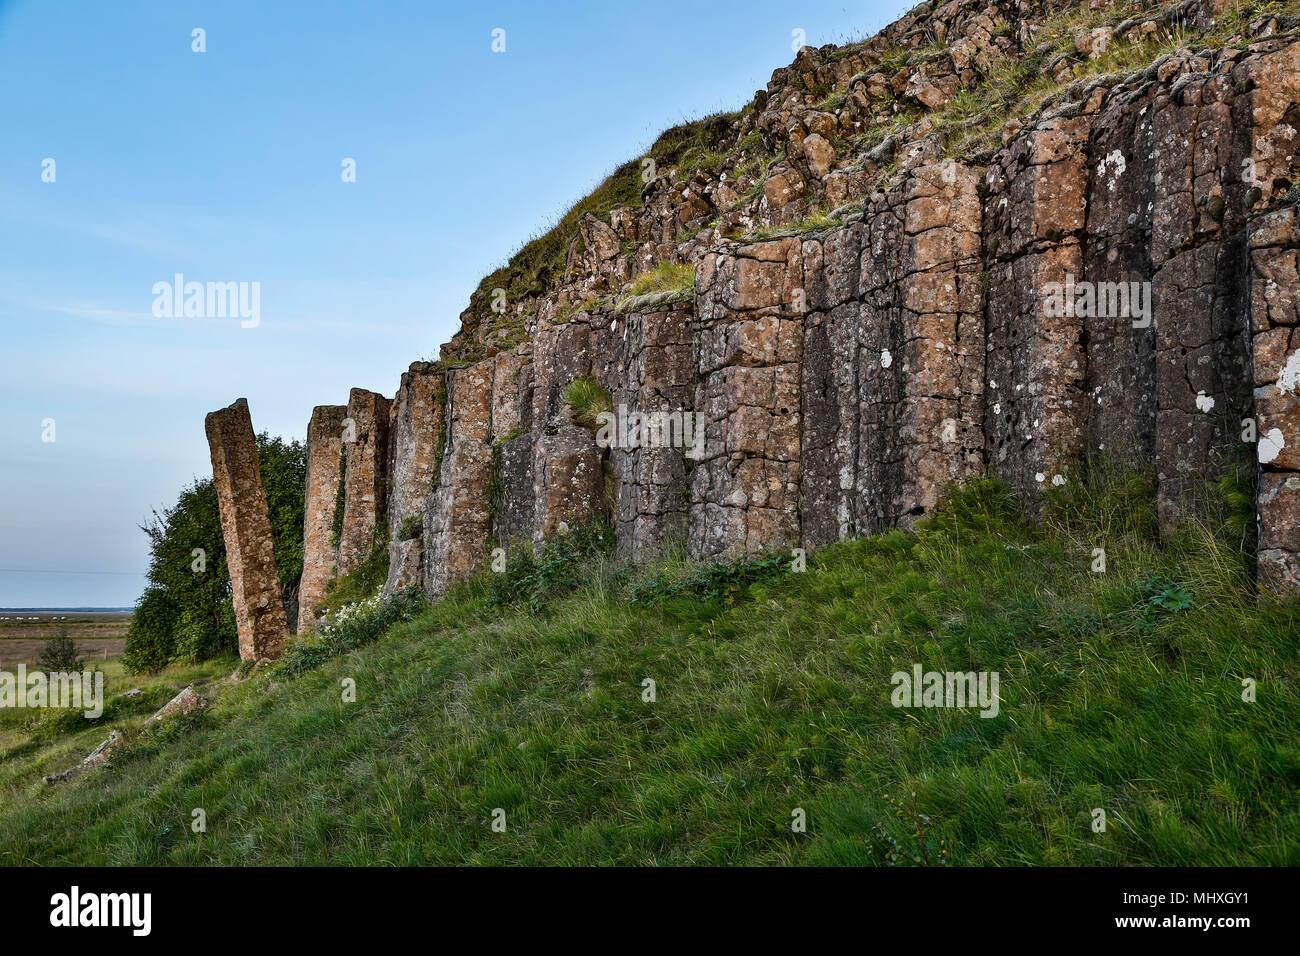 Columnar basalt outrcop, Dverghamrar (Dwarf Cliffs), near Foss, Iceland - Stock Image